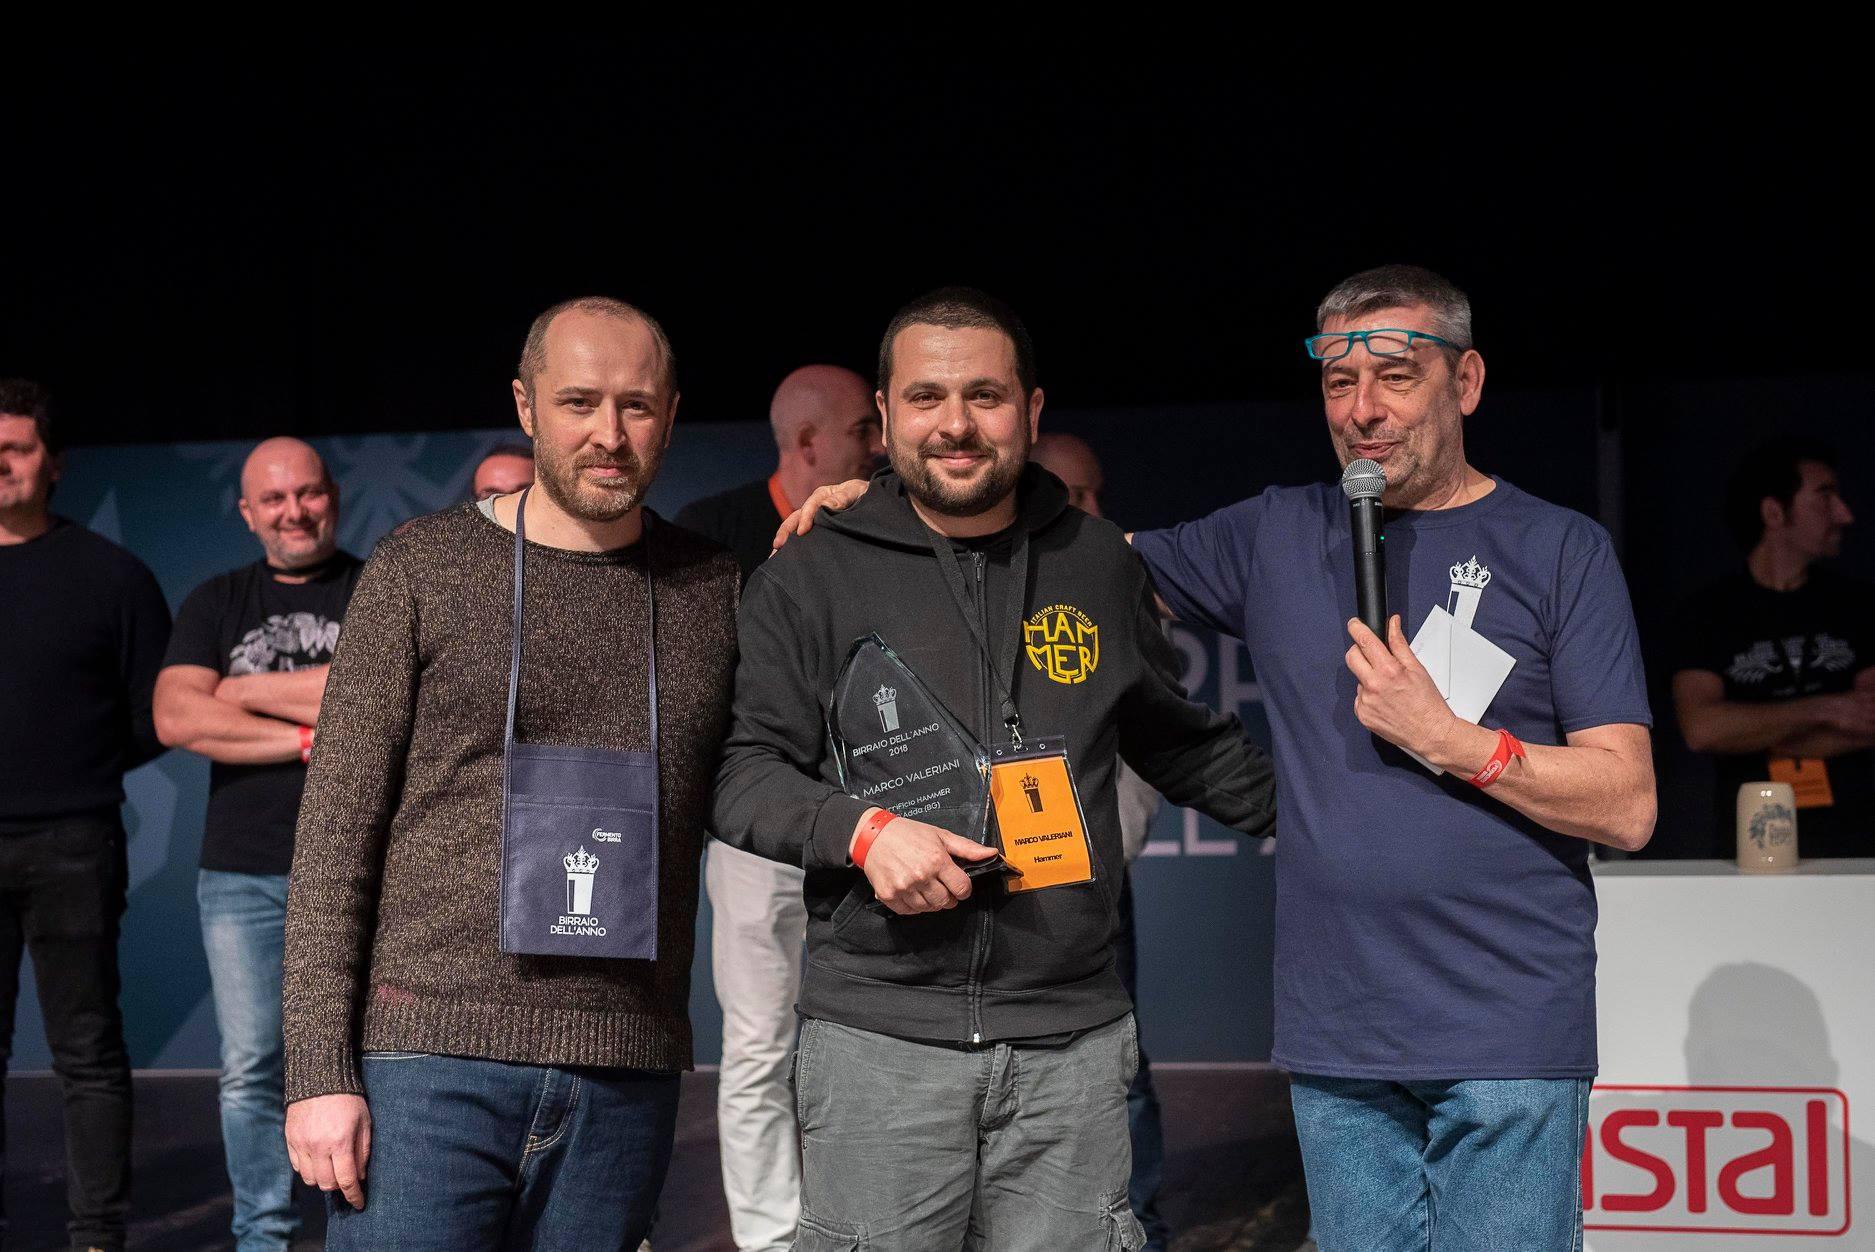 Birraio dell'Anno 2018: vince Marco Valeriani di Hammer!